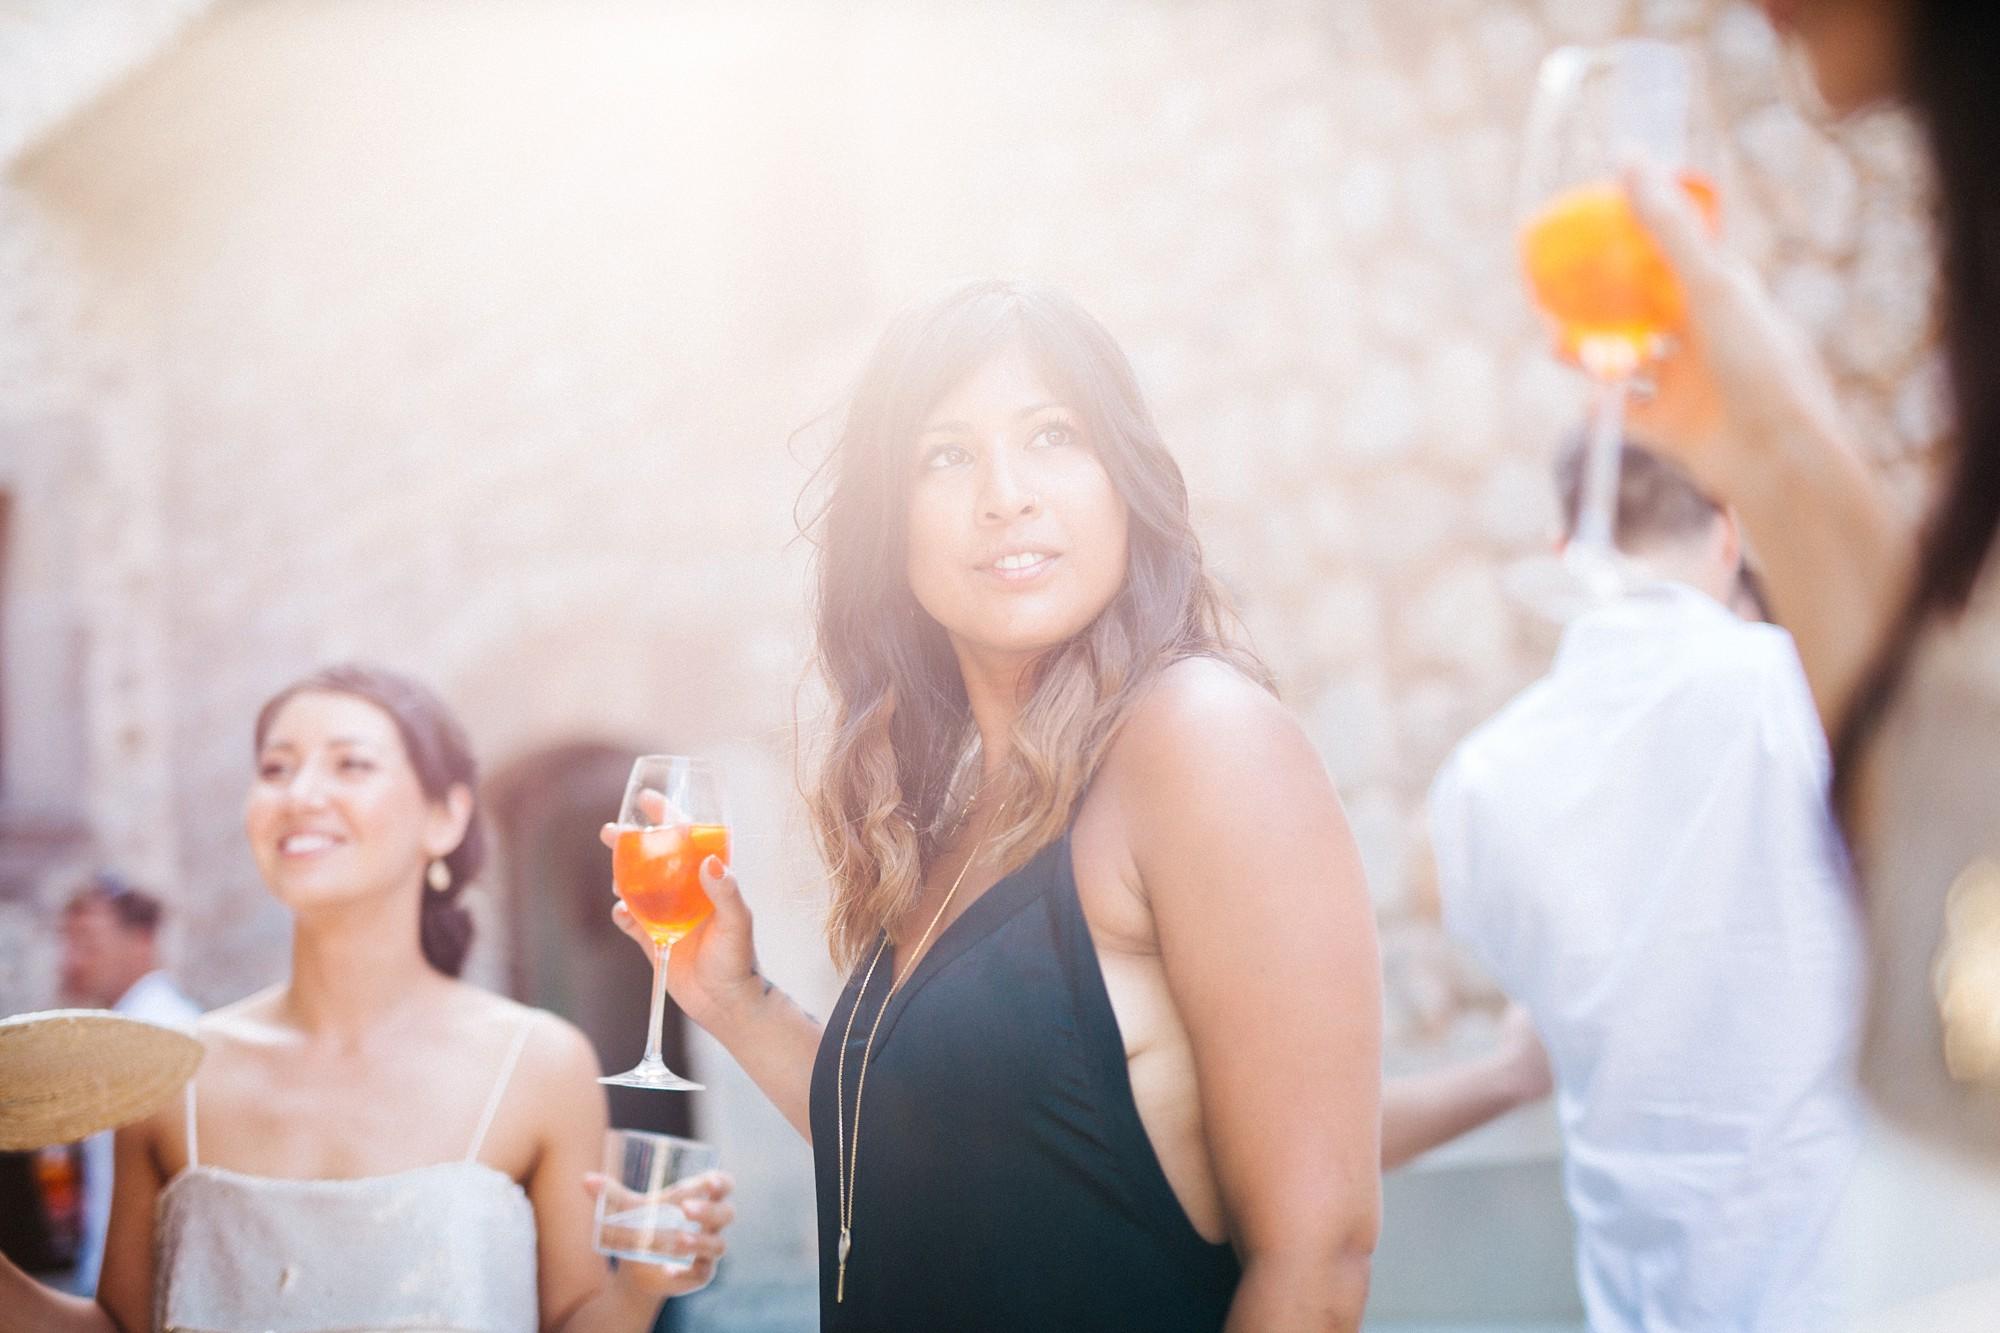 fotografos de boda en valencia barcelona mallorca wedding photographer154.jpg